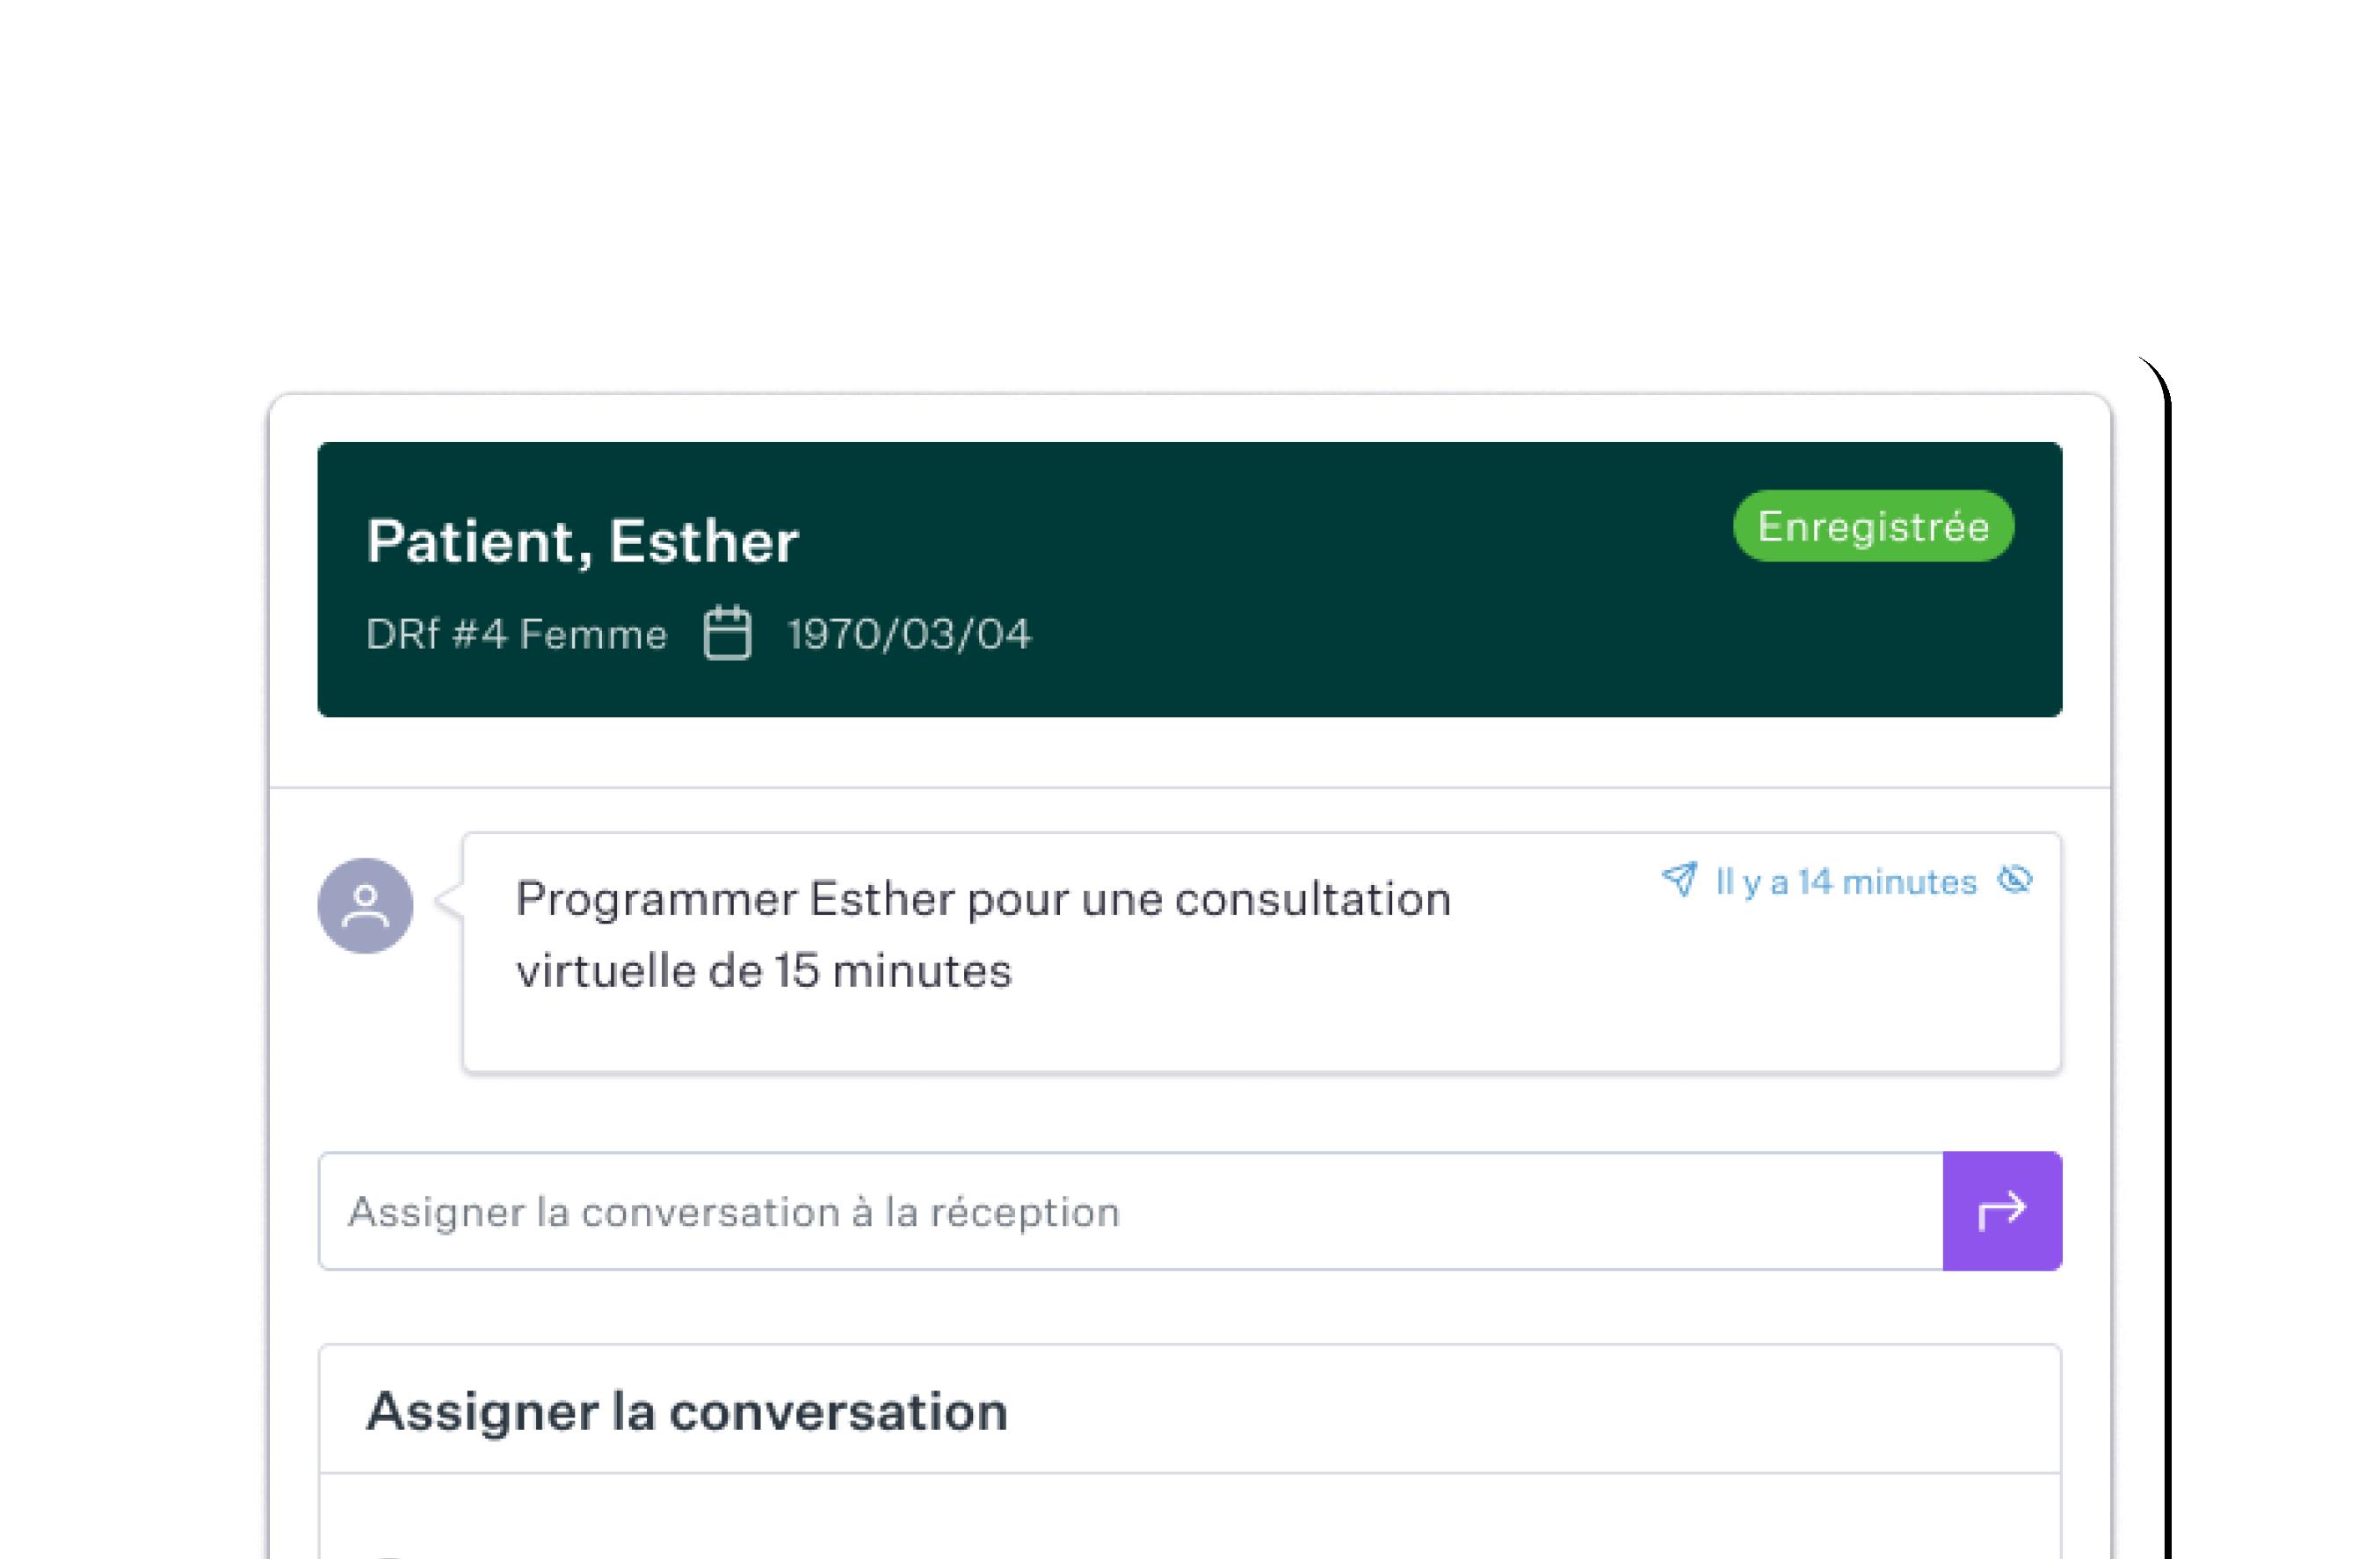 Transférez et assignez des conversations à un utilisateur ou à un groupe de travail spécifique pour améliorer la communication au sein de votre clinique